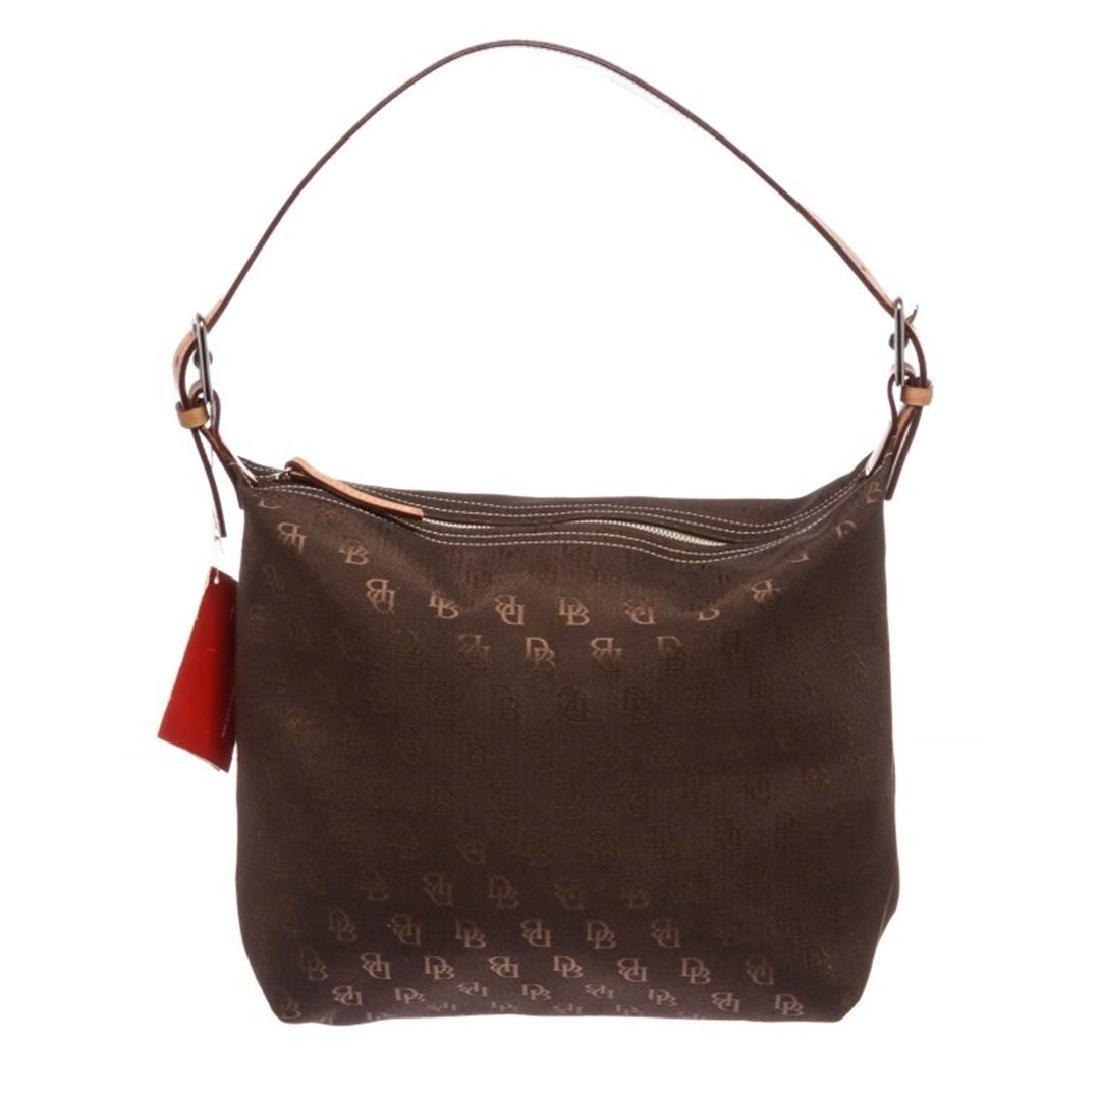 Dooney & Bourke Brown Monogram Canvas Hobo Handbag